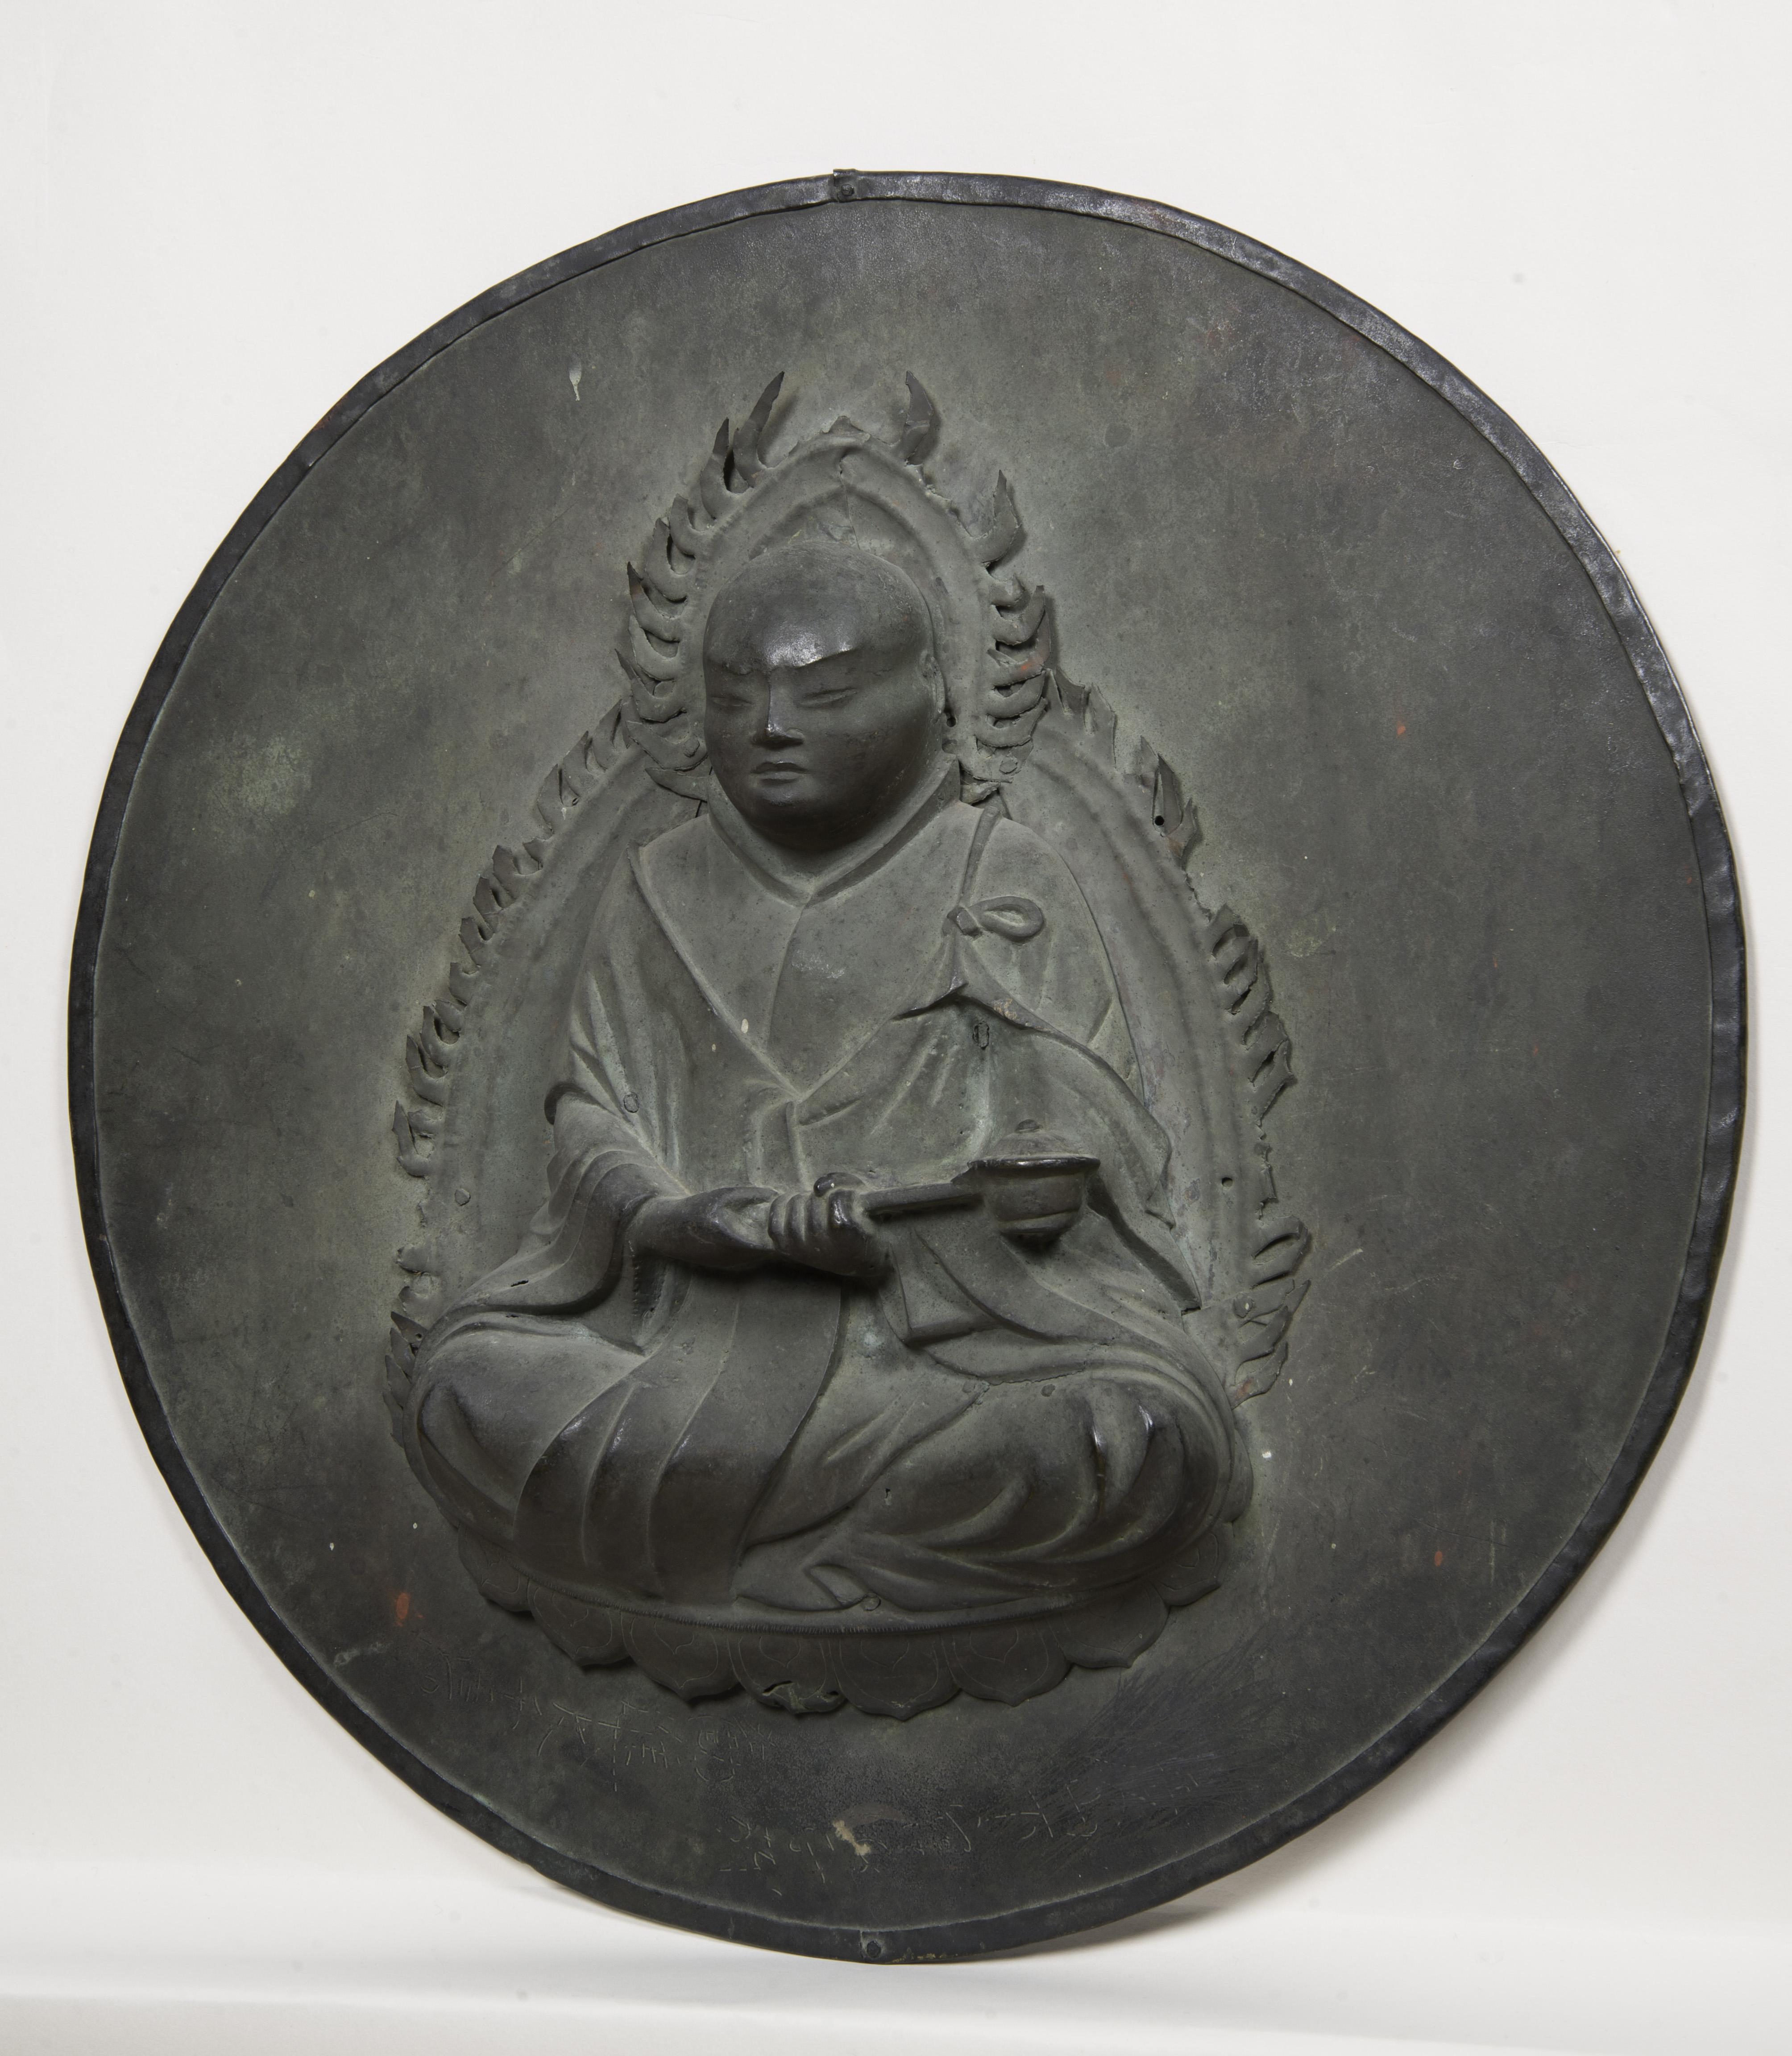 三霊峰のひとつ英彦山の神仏を探る(九州の仏像)のイメージ